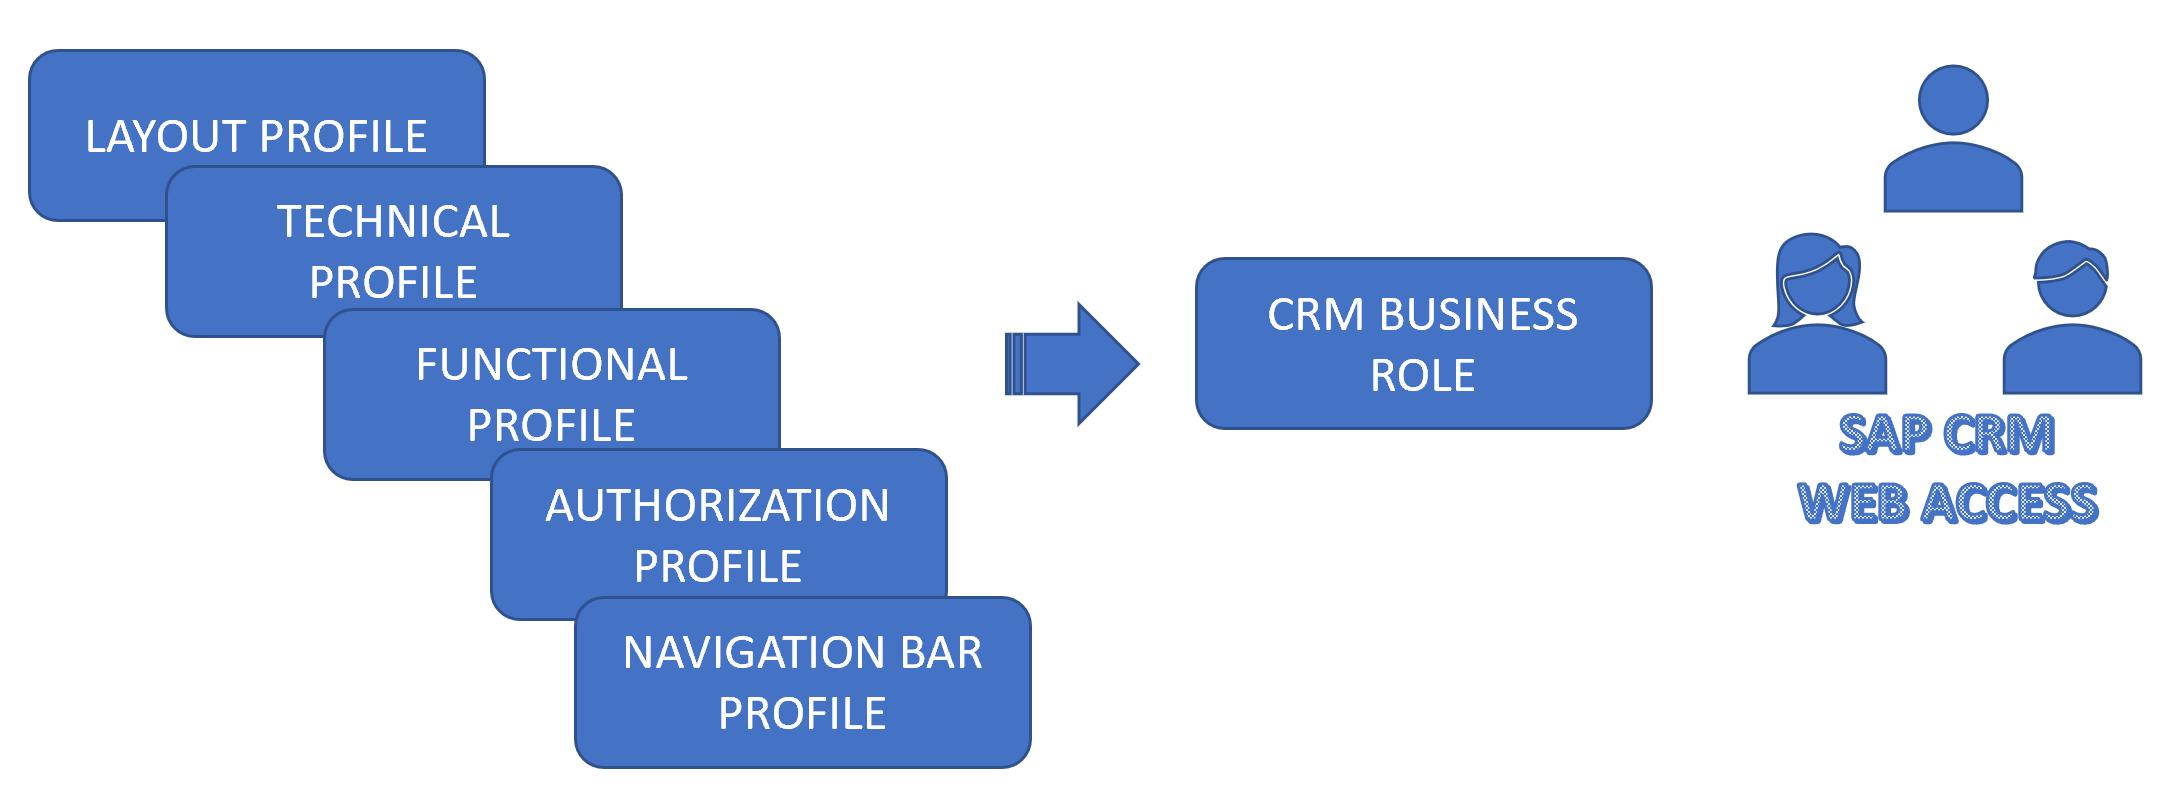 SAP_CRM_BUSINESS_ROLE